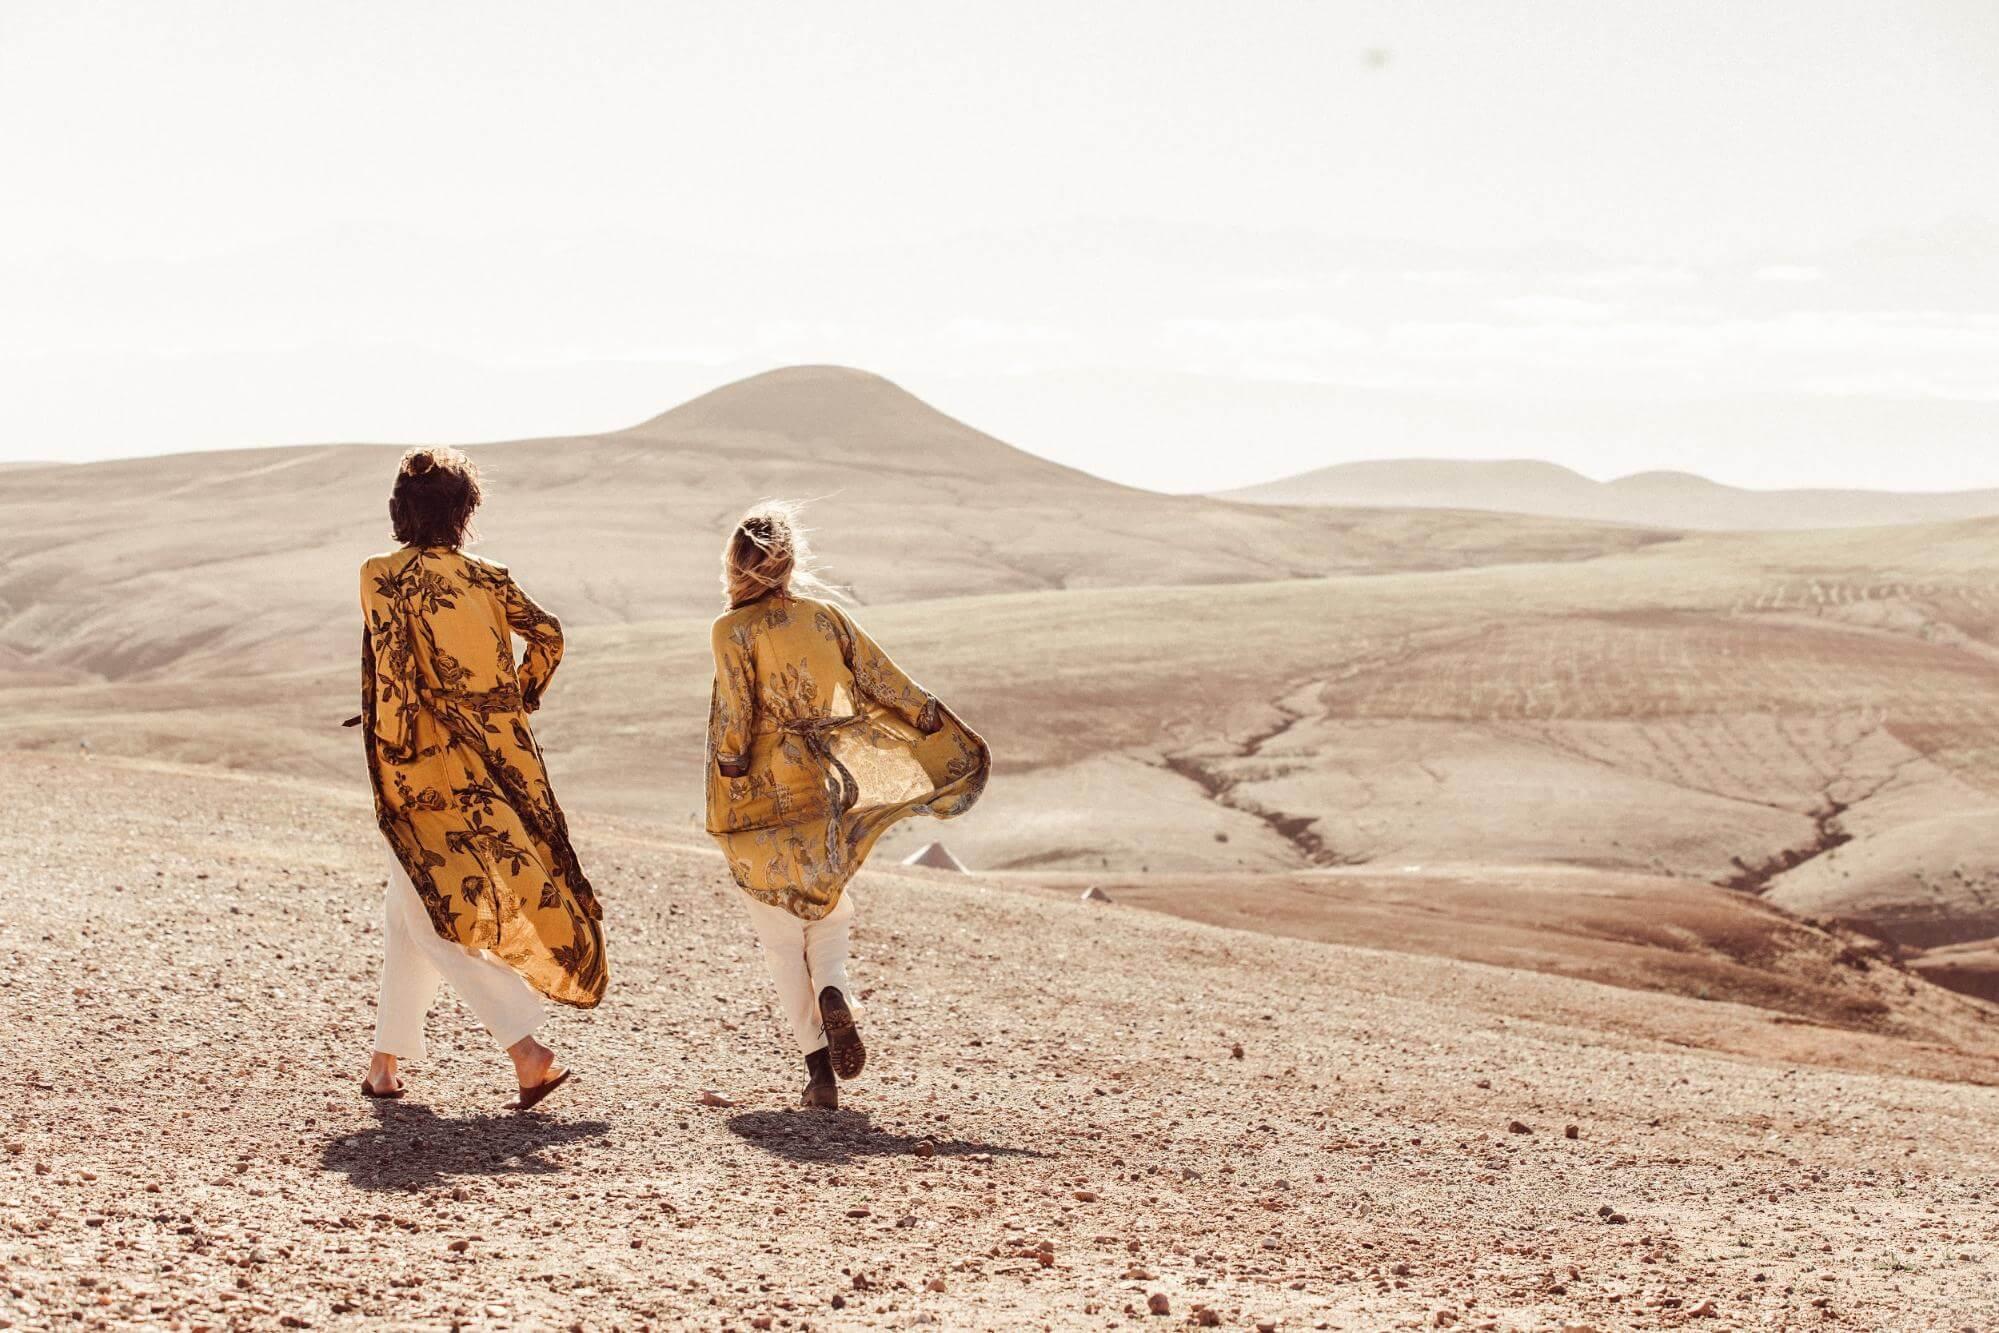 couple wearing brahmaki kaftans in the desert